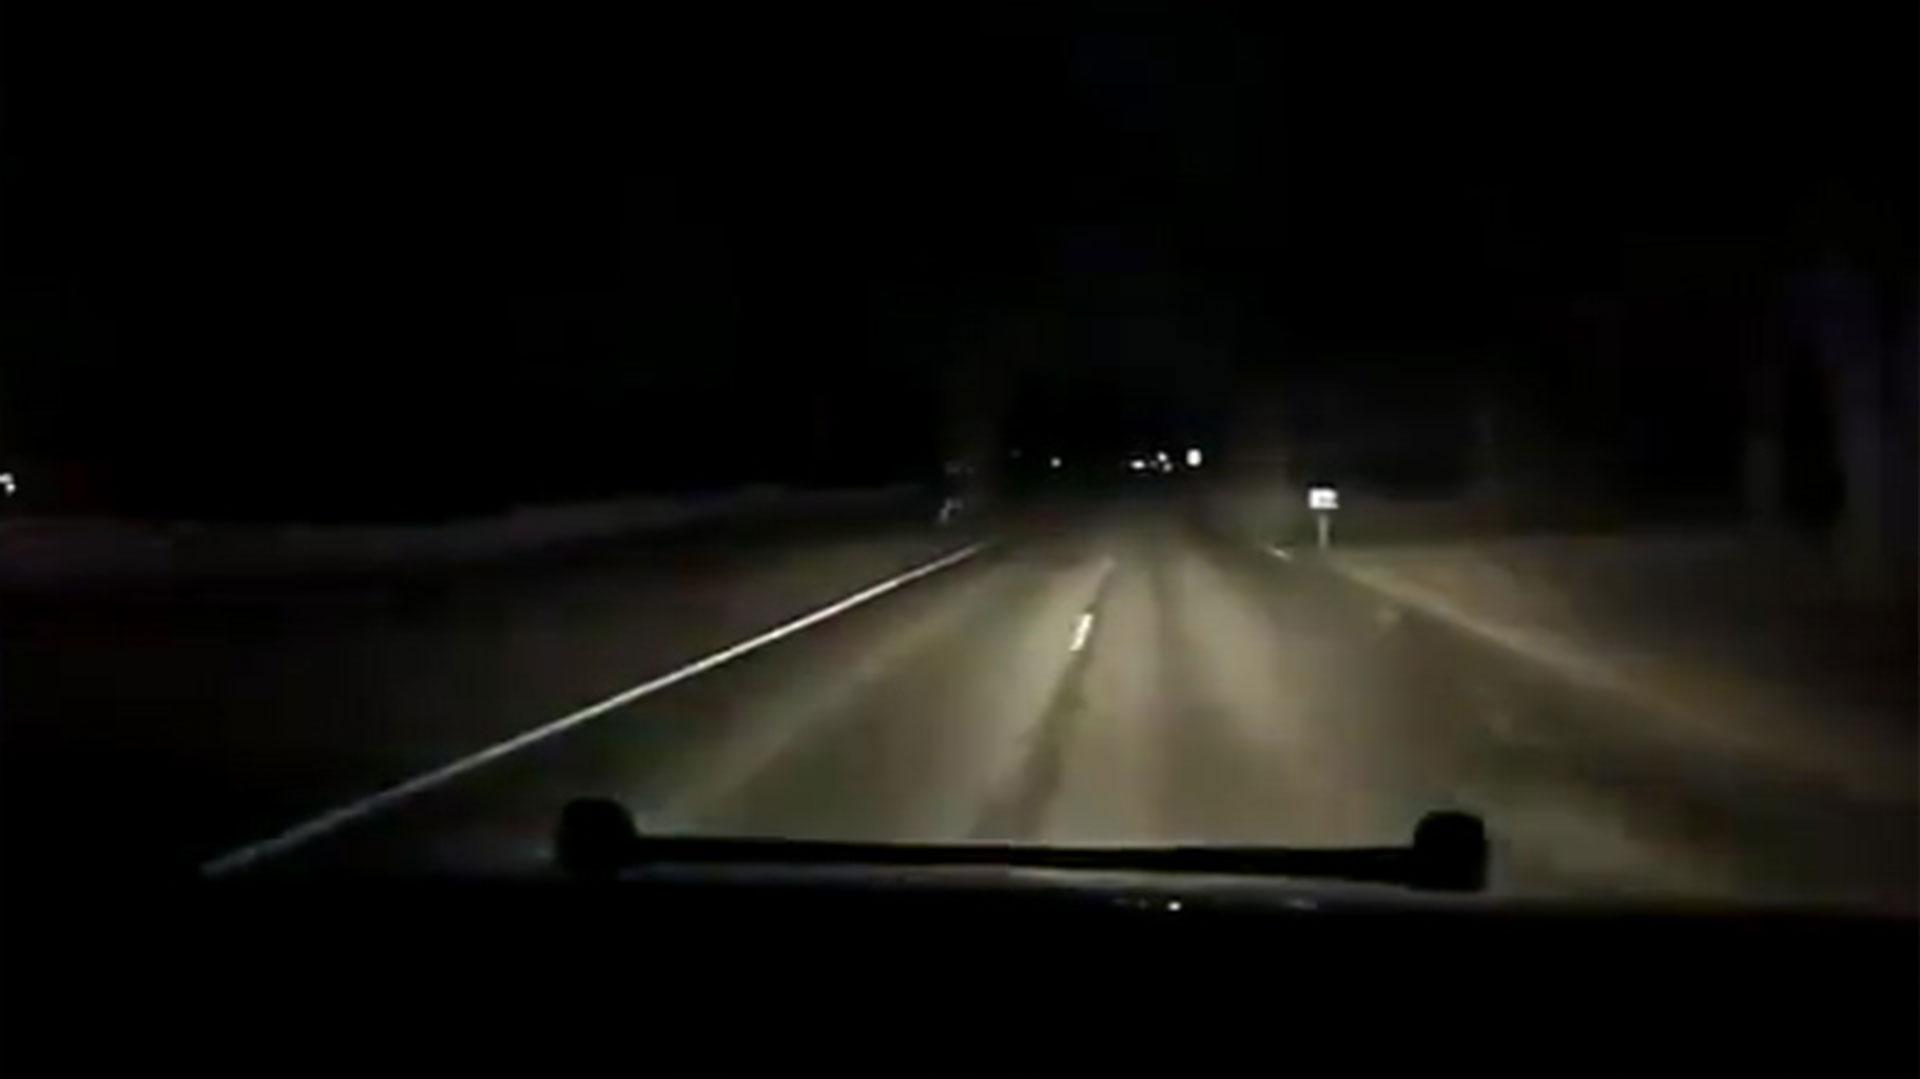 El policía empezó a perseguir al conductor al verlo pasar a alta velocidad